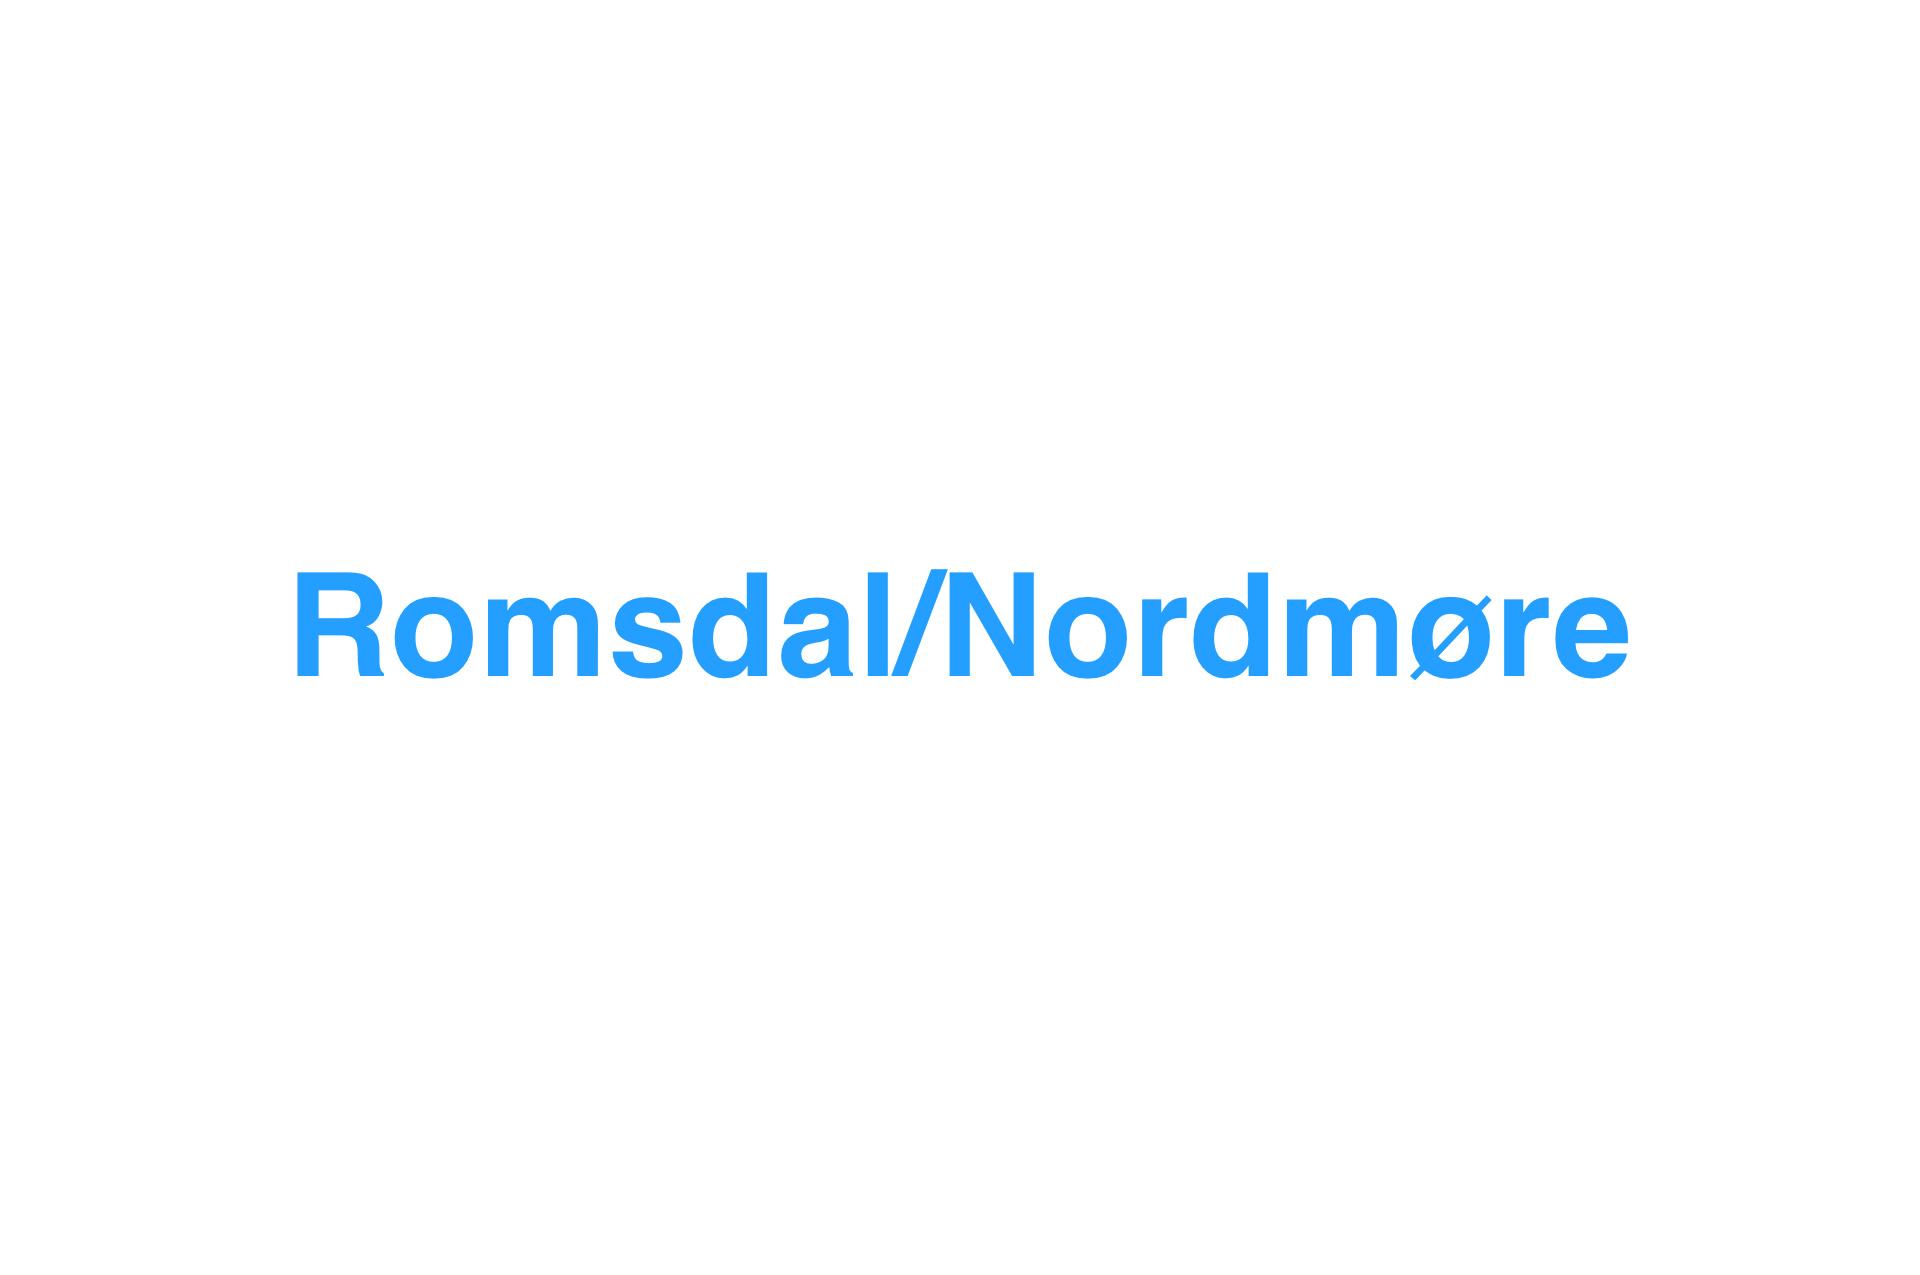 Nordvestlandspakken Romsdal/Nordmøre